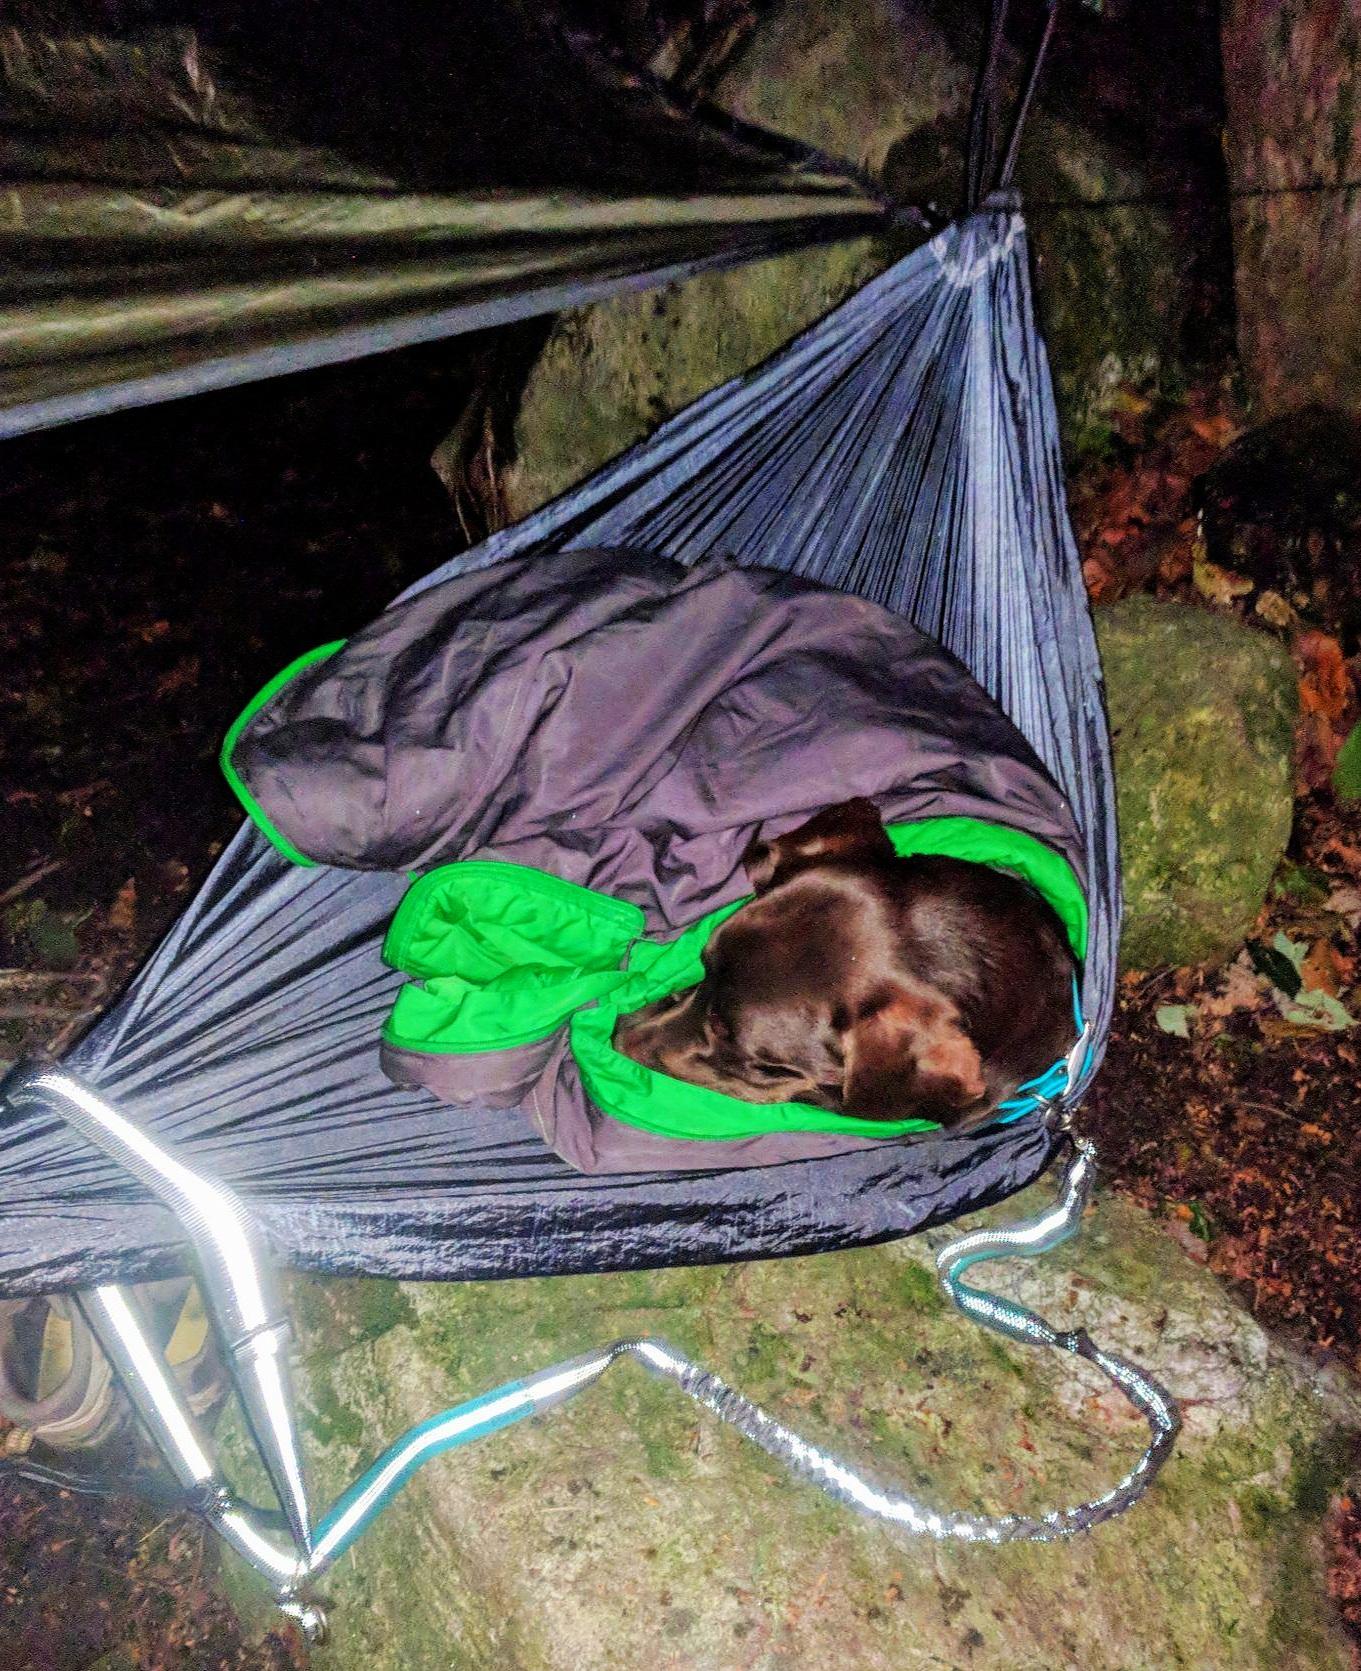 © Image of Toby in sleeping bag, courtesy of Trisha Penrod.